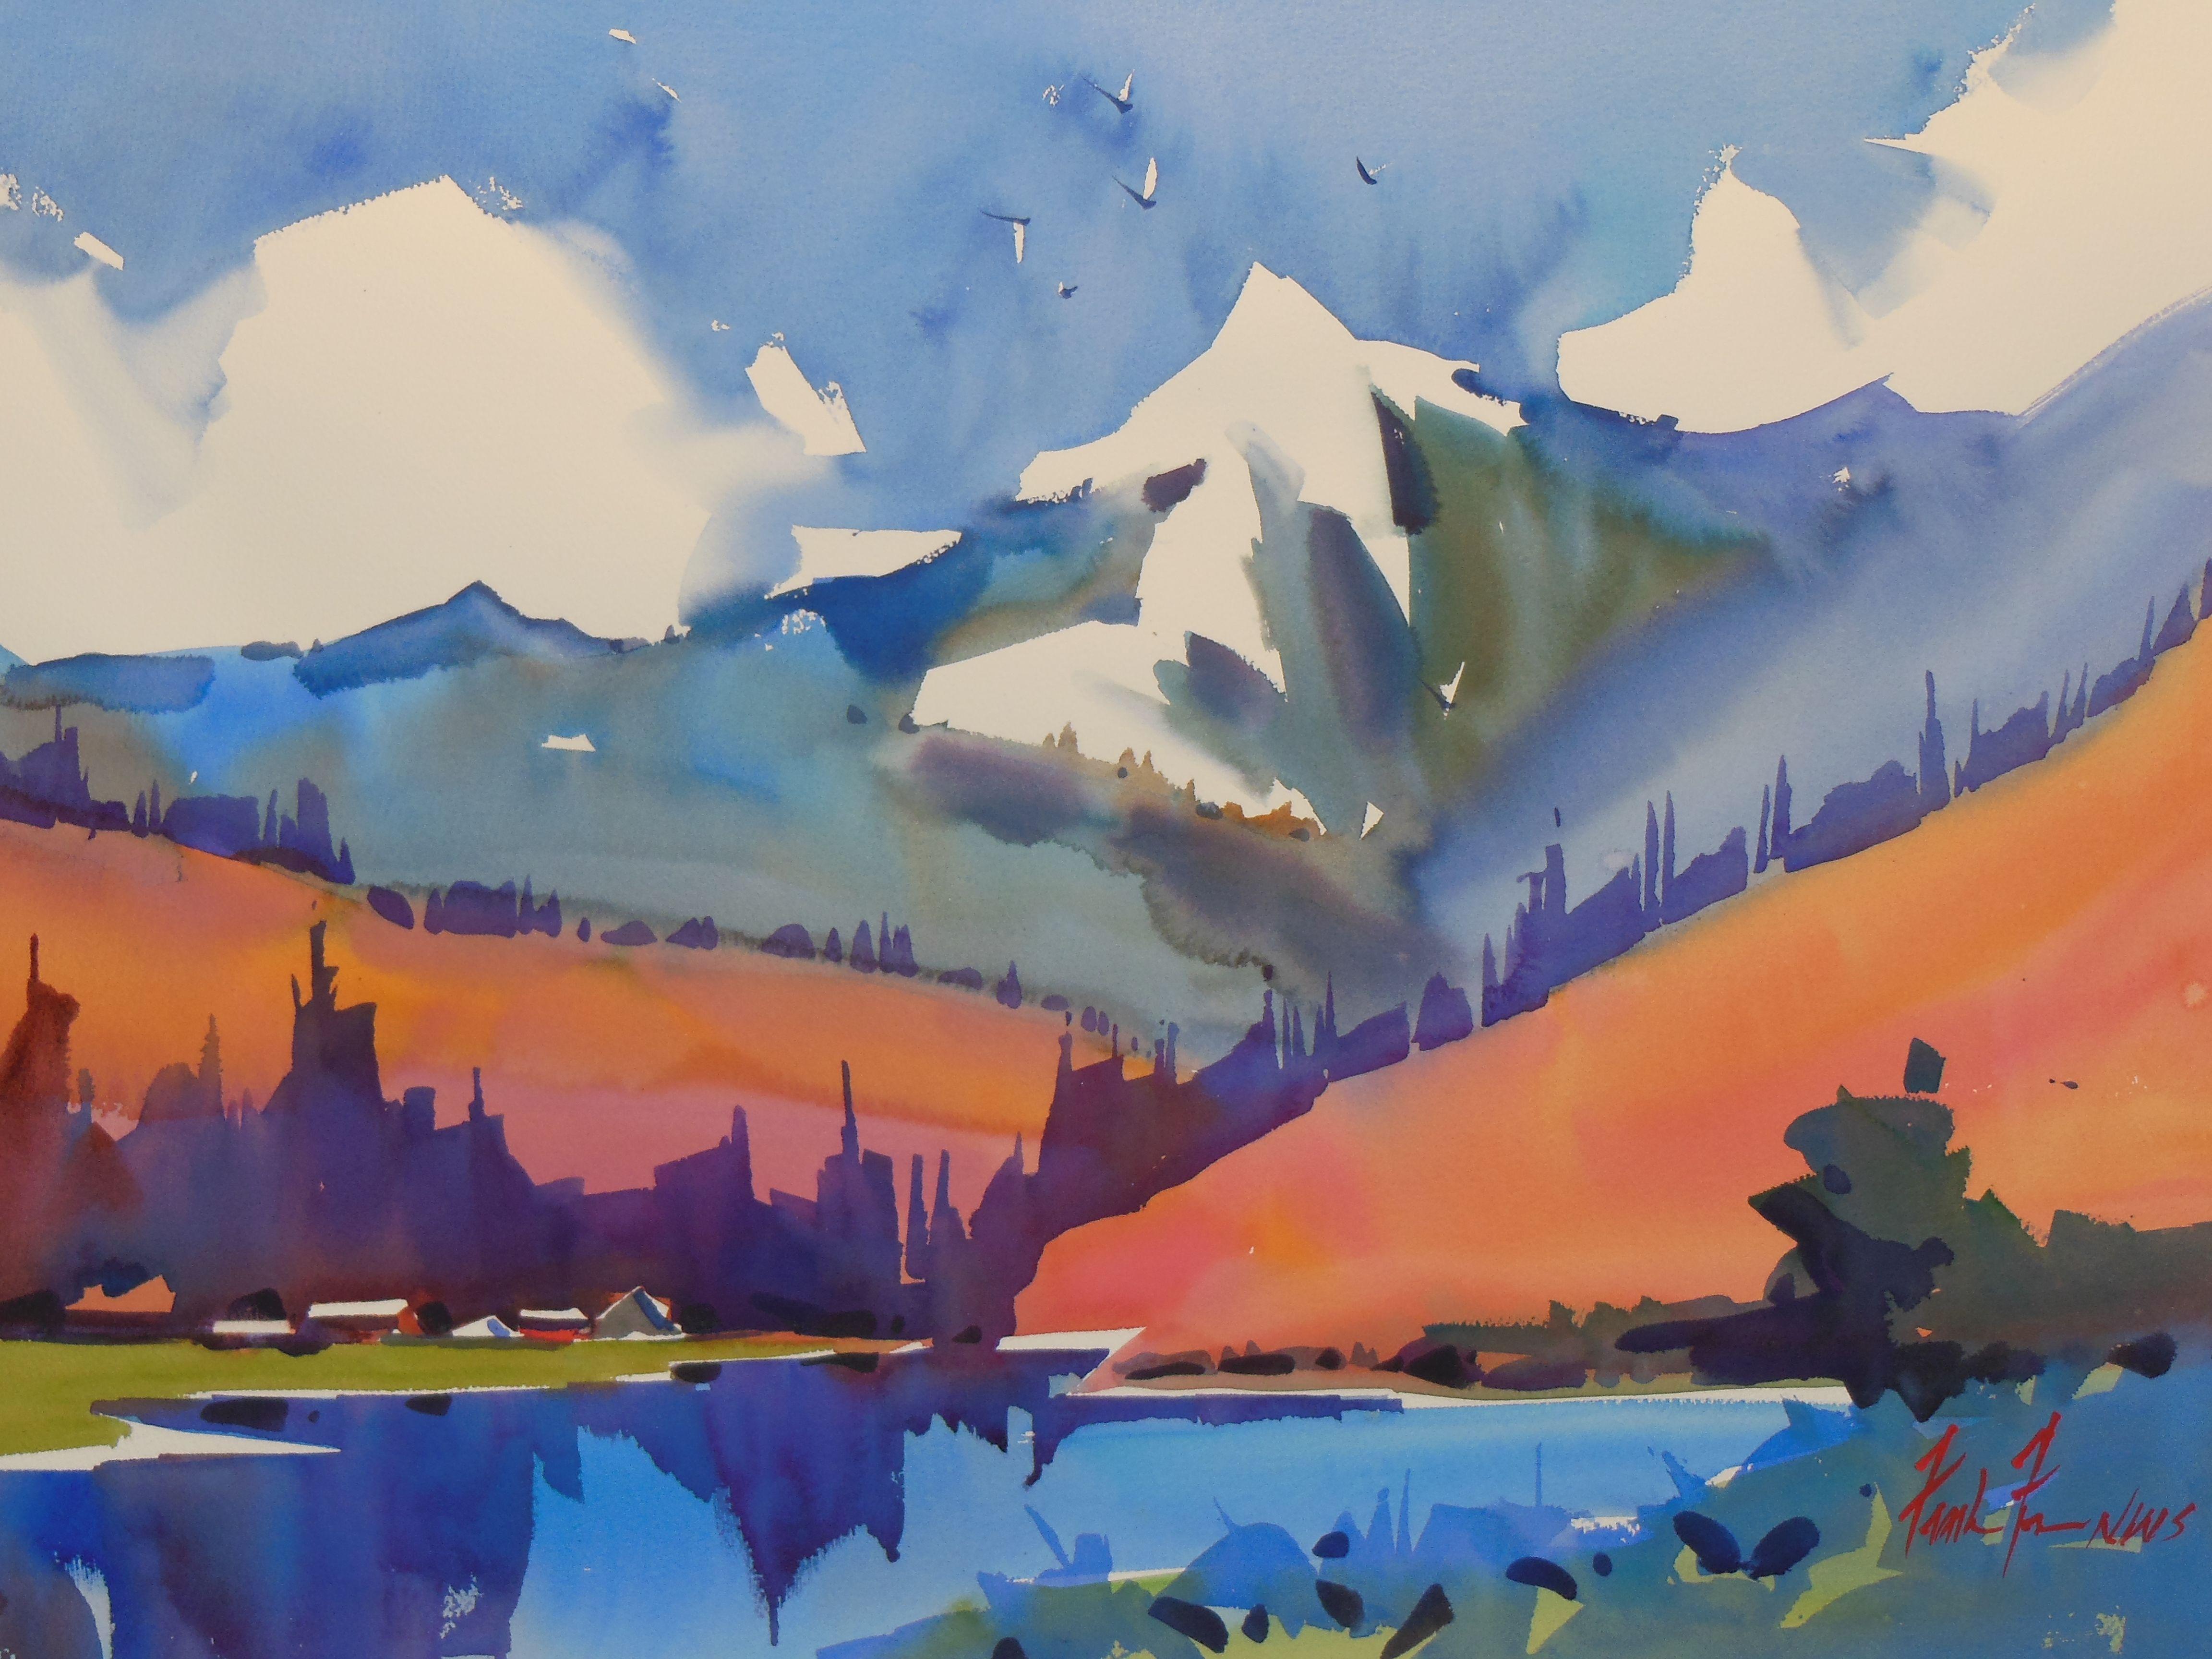 Watercolor artist magazine customer service - Watercolor Artist Frank Francese Nws Montana Watercolors 2013